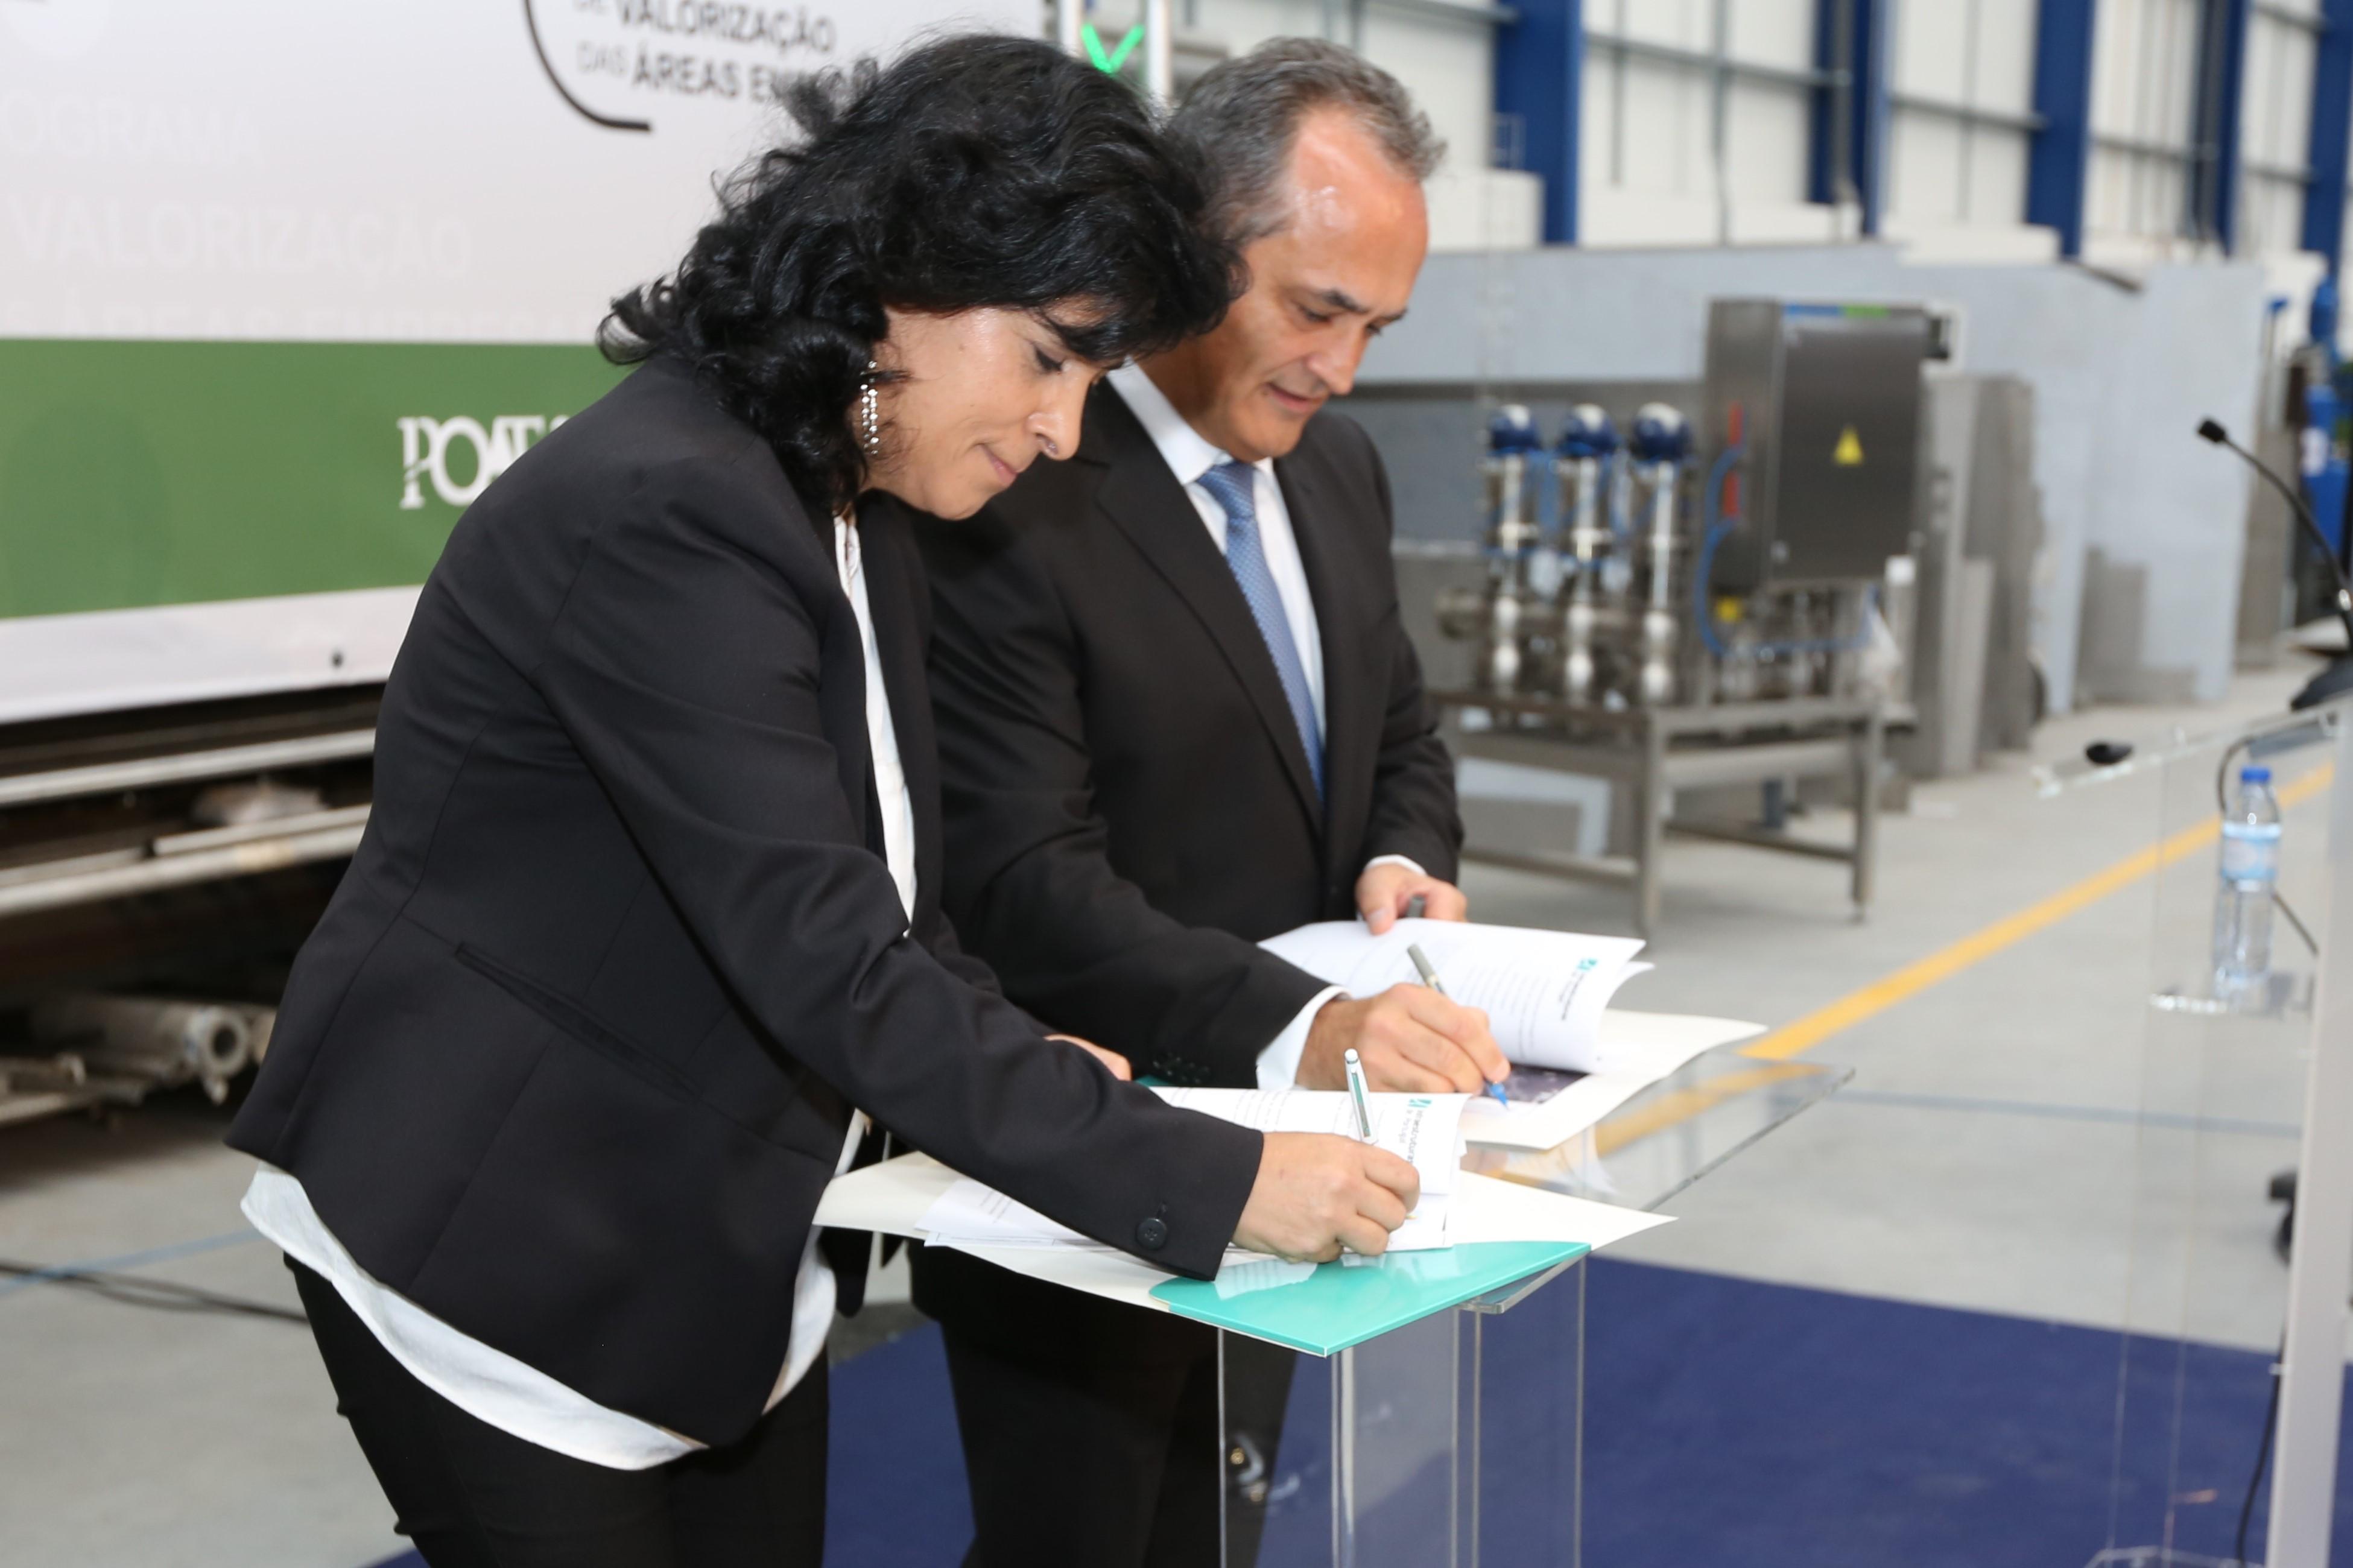 Novo concurso da ligação Escariz-A32 publicado hoje no Diário da República